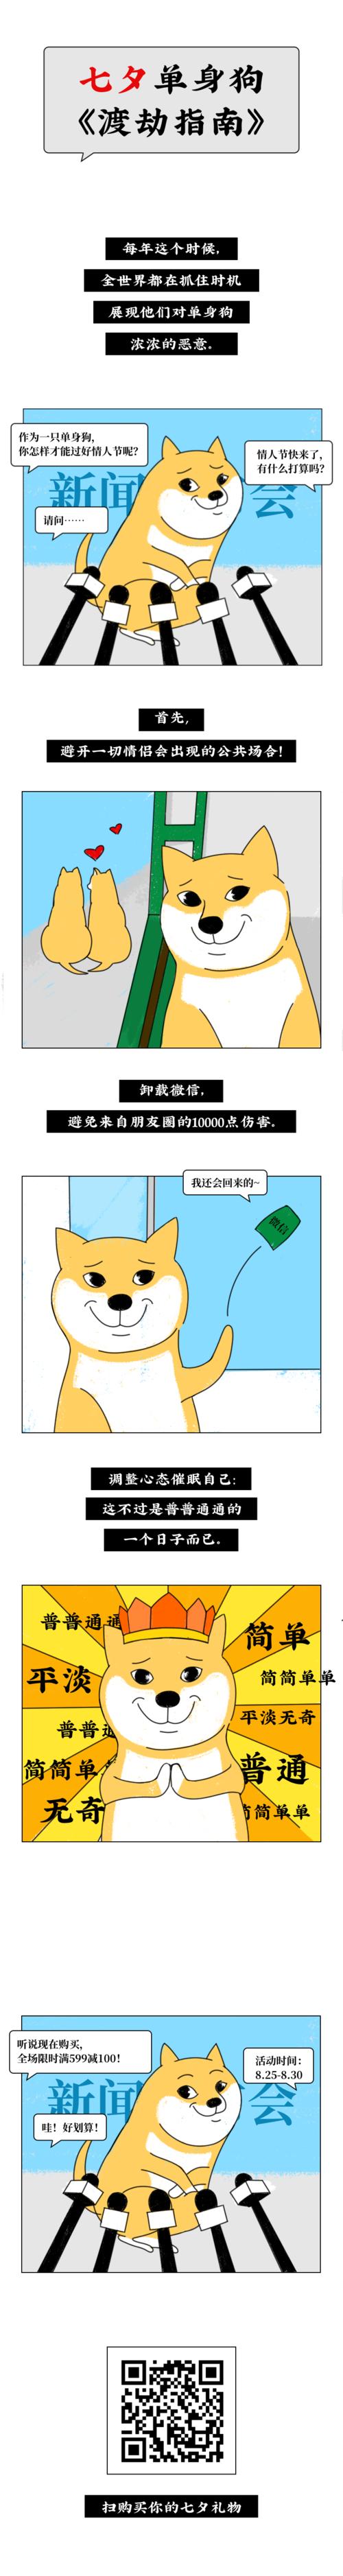 趣味条漫七夕单身狗渡劫指南